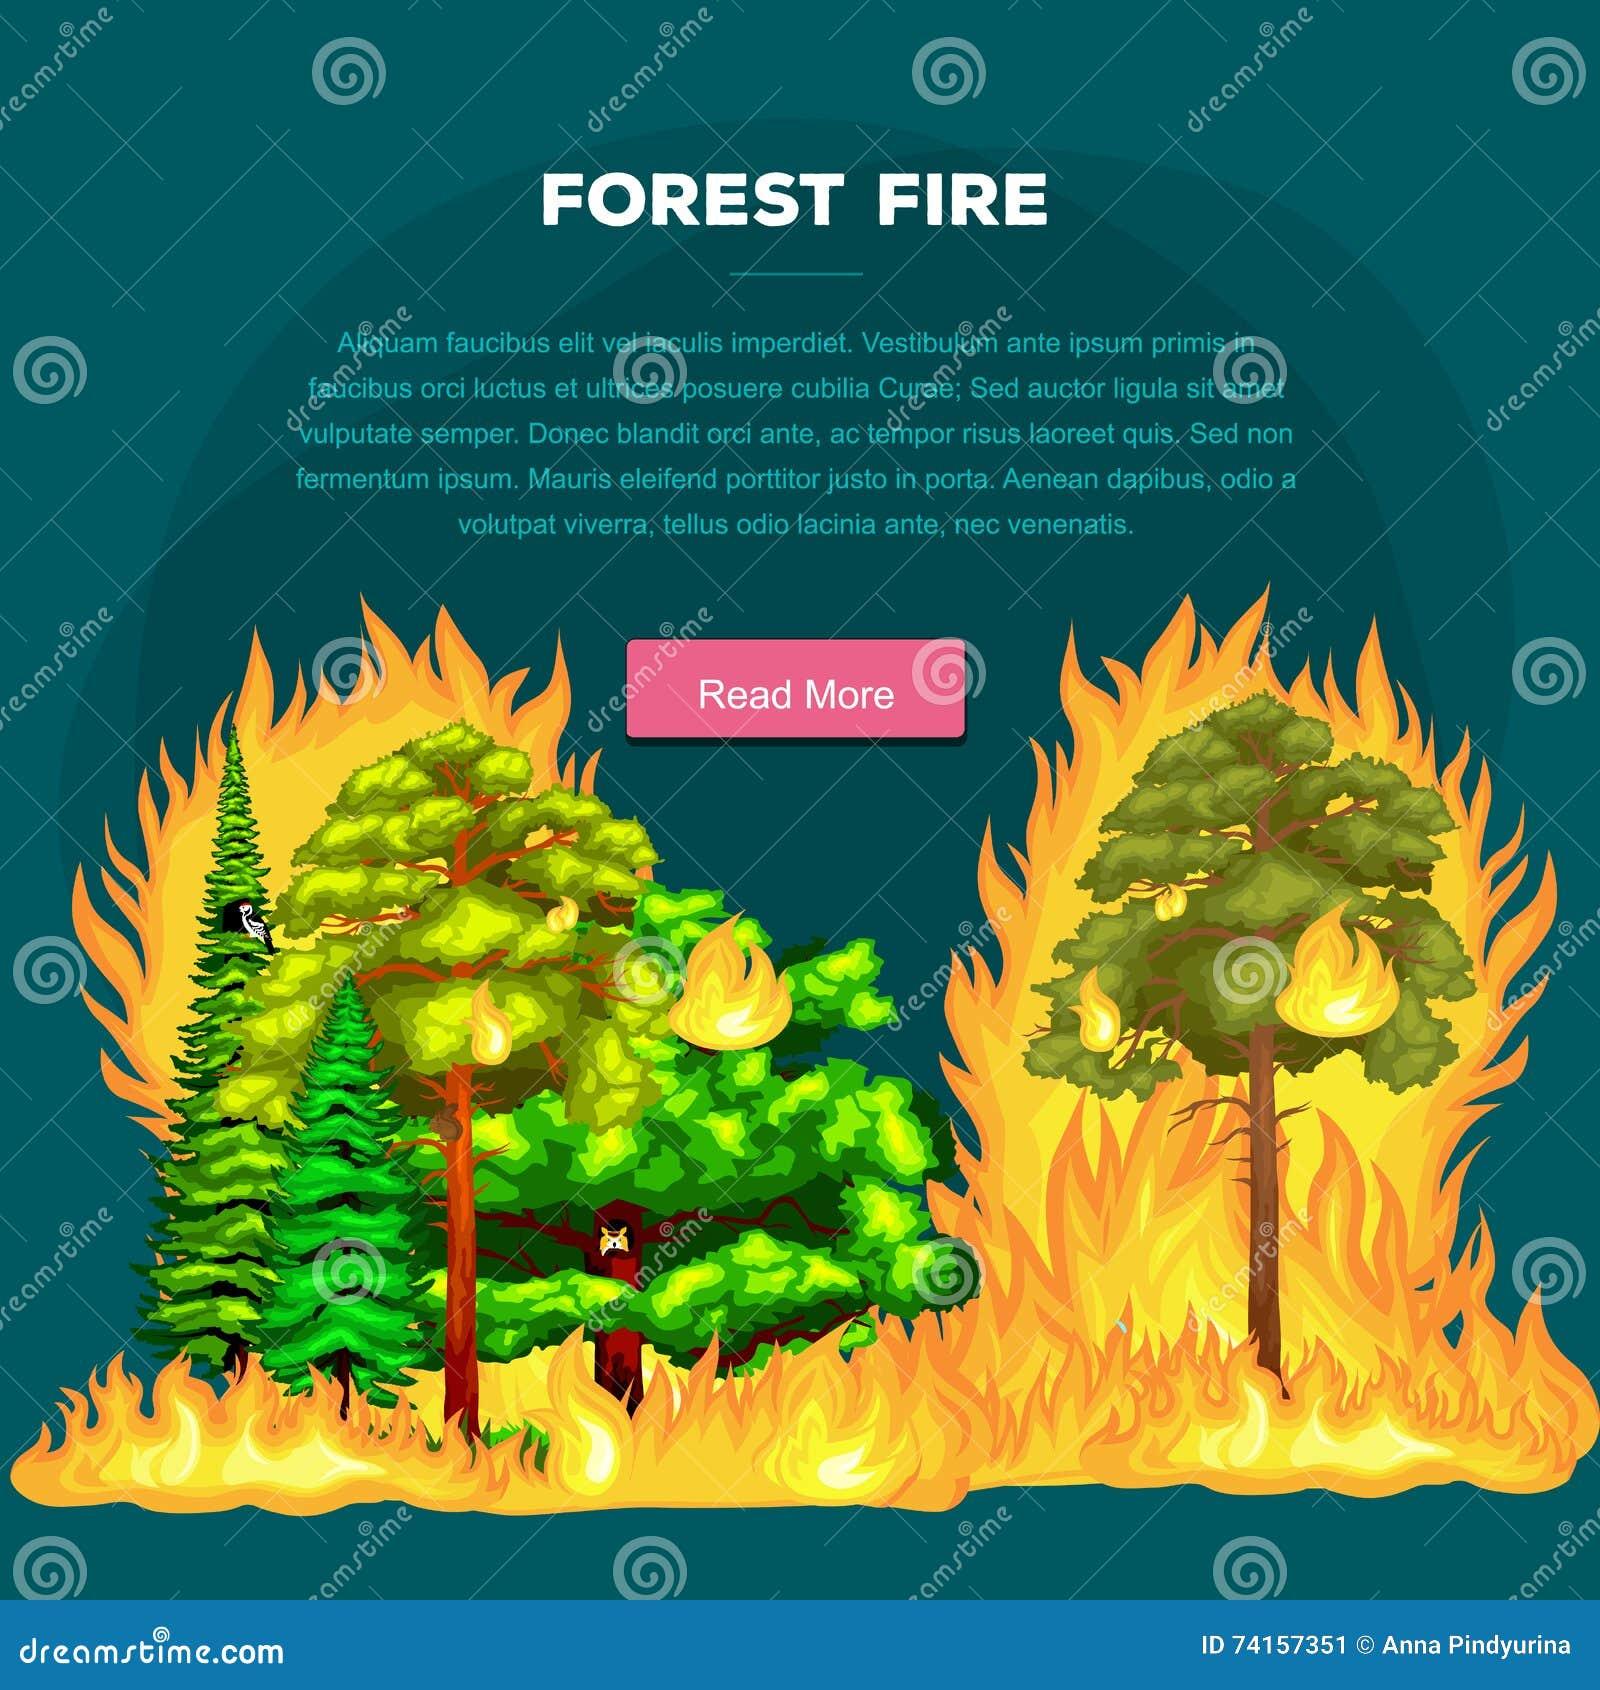 Forest Fire, fogo em dano da paisagem da floresta, desastre da ecologia da natureza, árvores ardentes quentes, chama do incêndio